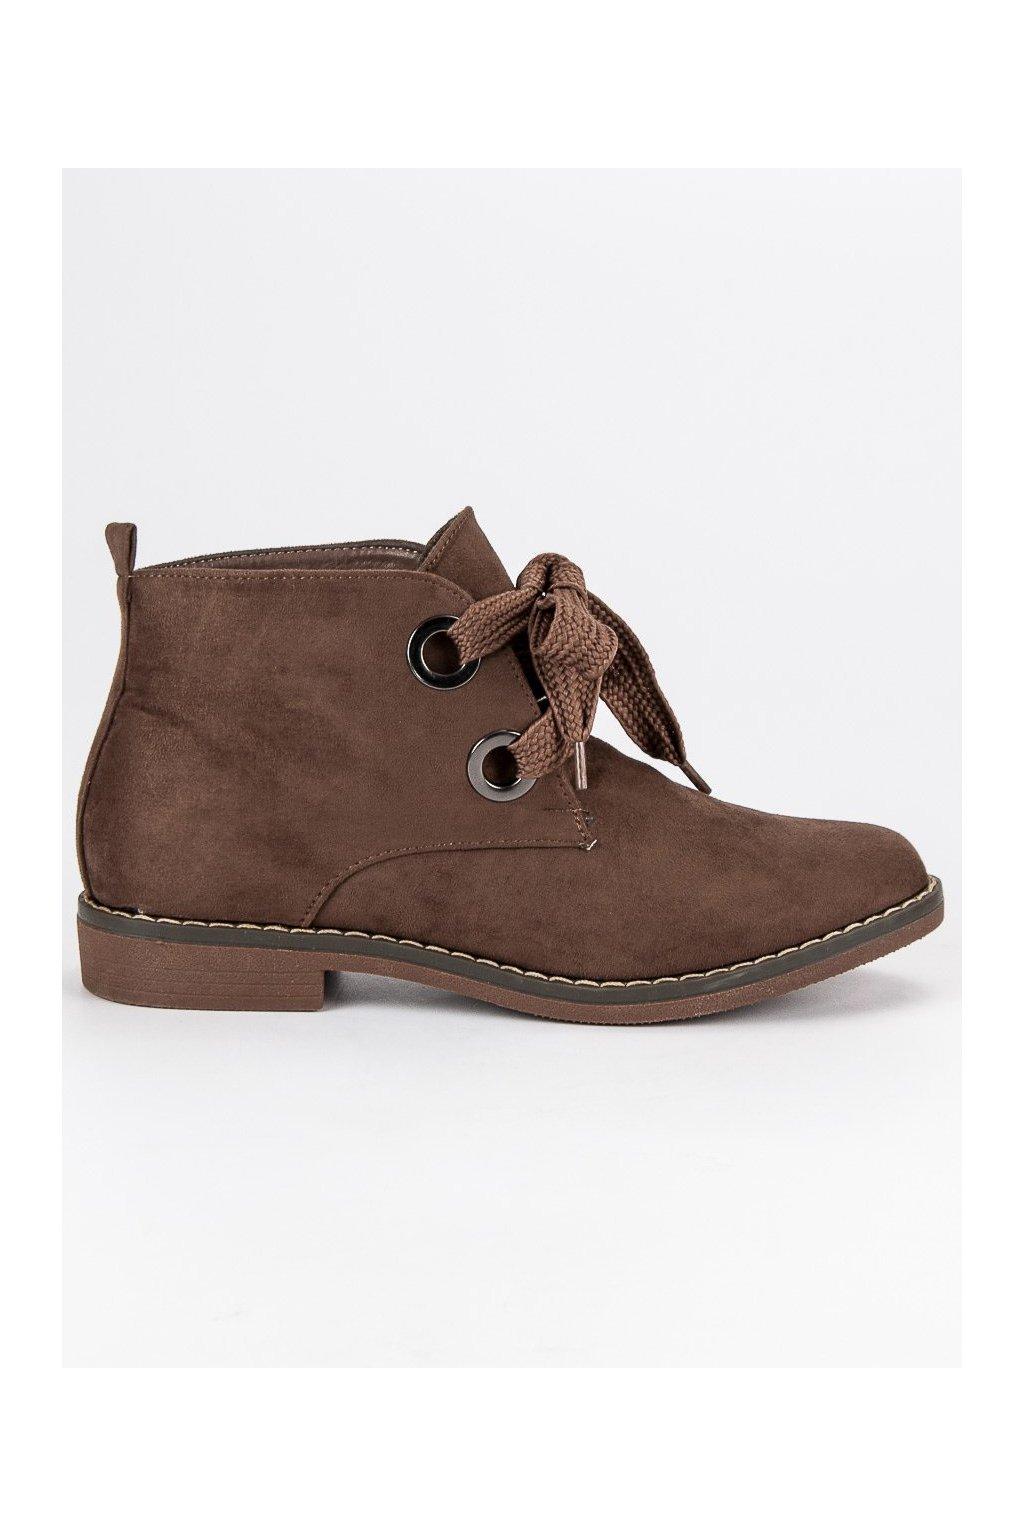 Béžové topánky semišové čižmičky s výrazným viazaním Super Mode 1399KH 871b1d2f1f5